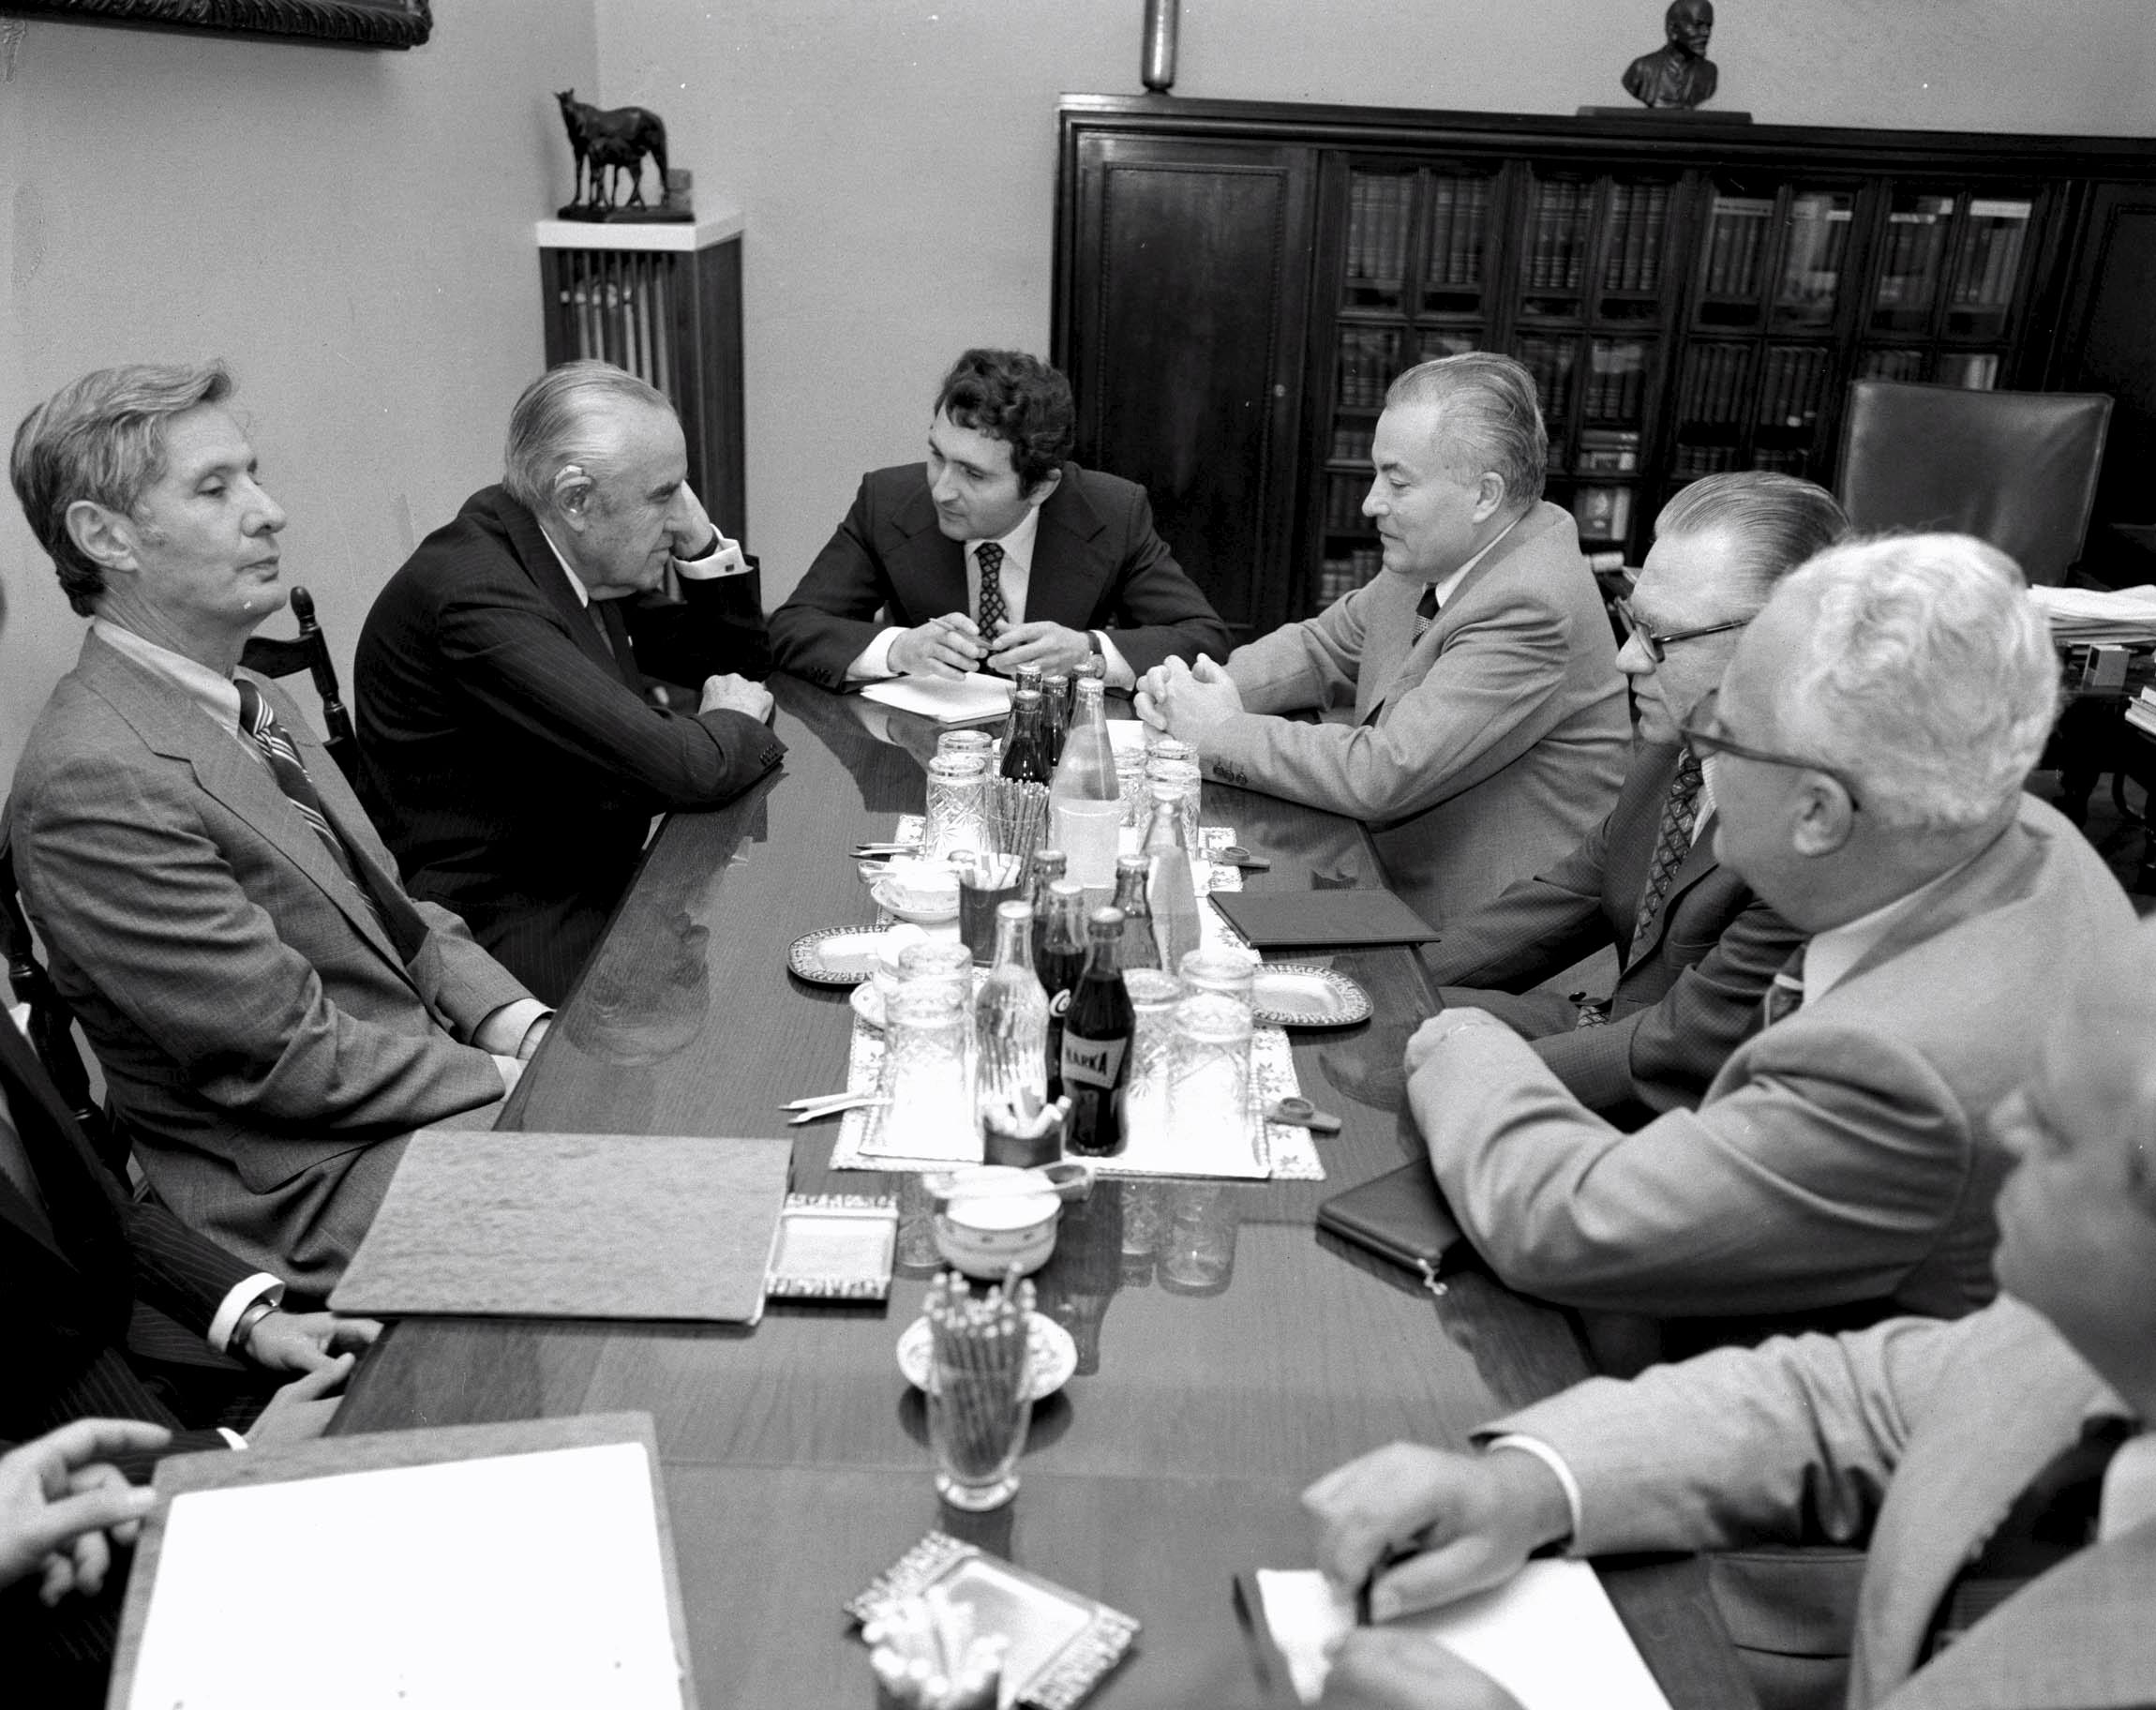 Puja Frigyes külügyminiszter (b4) megbeszéléseket folytat a meghívására hazánkban tartózkodó Averell Harrimann-nal, New York állam volt kormányzójával (b2) a Külügyminisztériumban, jobbra Esztergályos Ferenc, hazánk washingtoni nagykövete (b6), balra Philip M. Kaiser, az Amerikai Egyesült Államok budapesti nagykövete (b1) /Fotó: MTI